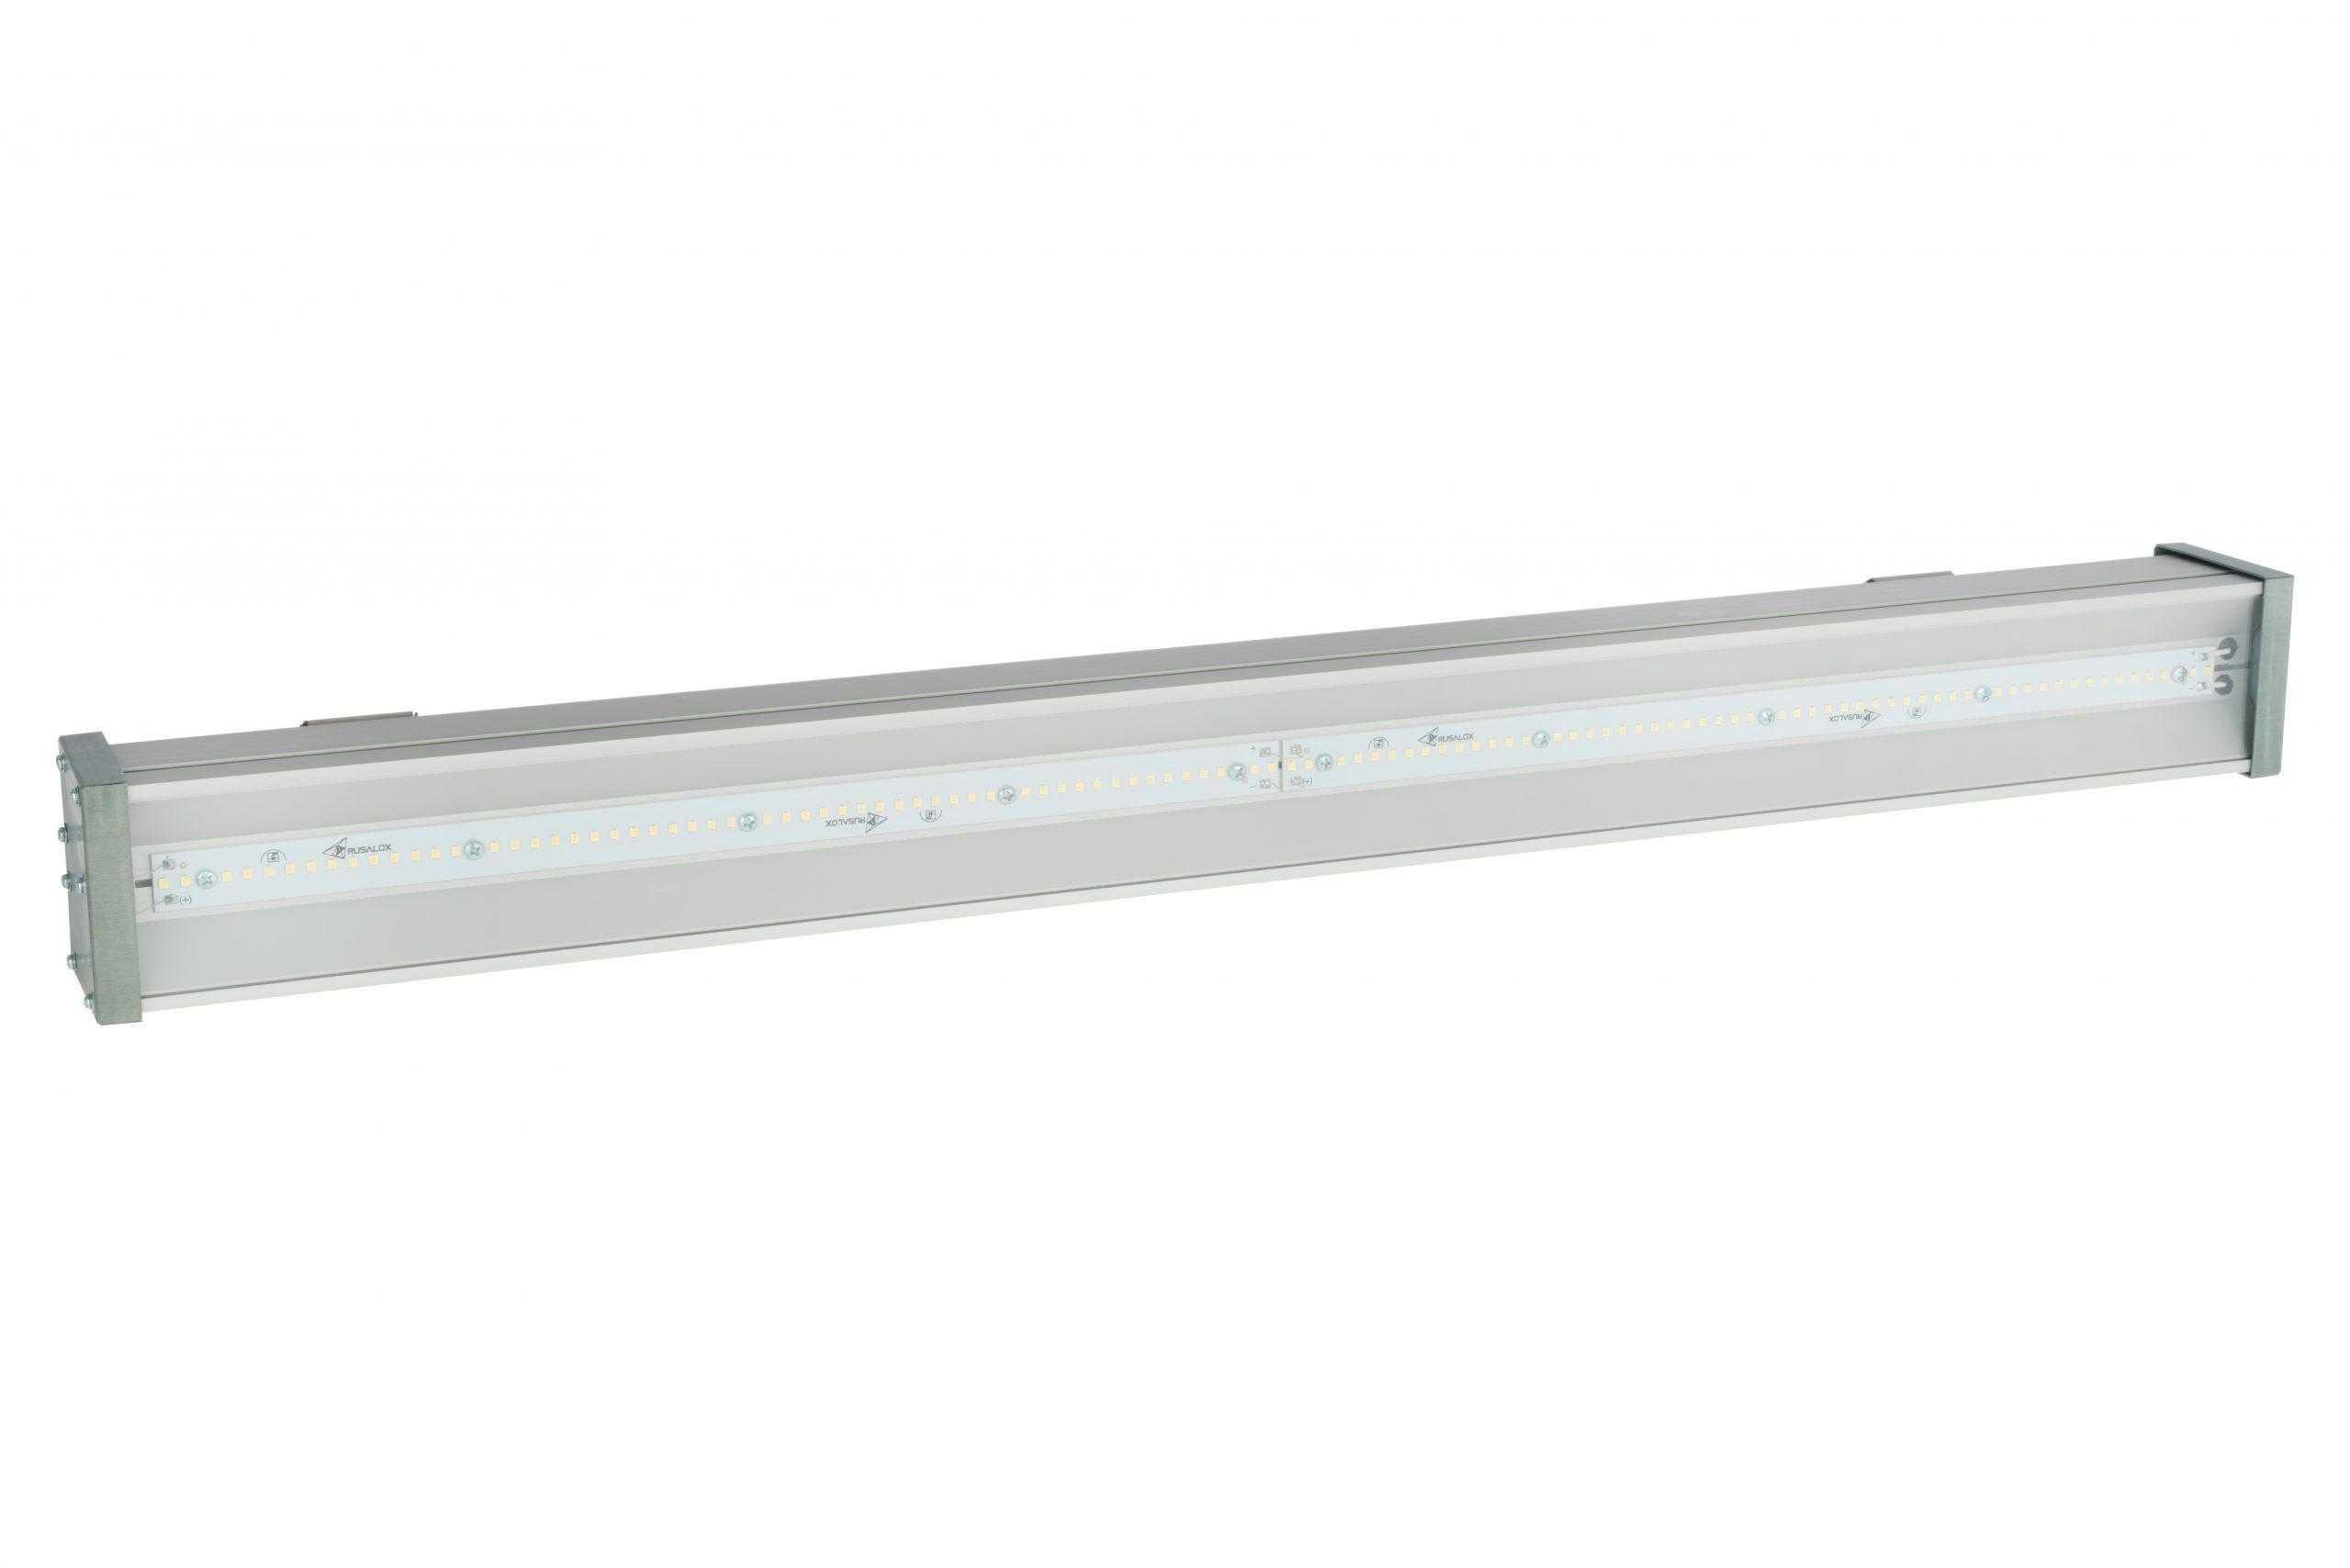 Изображение линейного светодиодного светильника Line Prom 30W, 40W